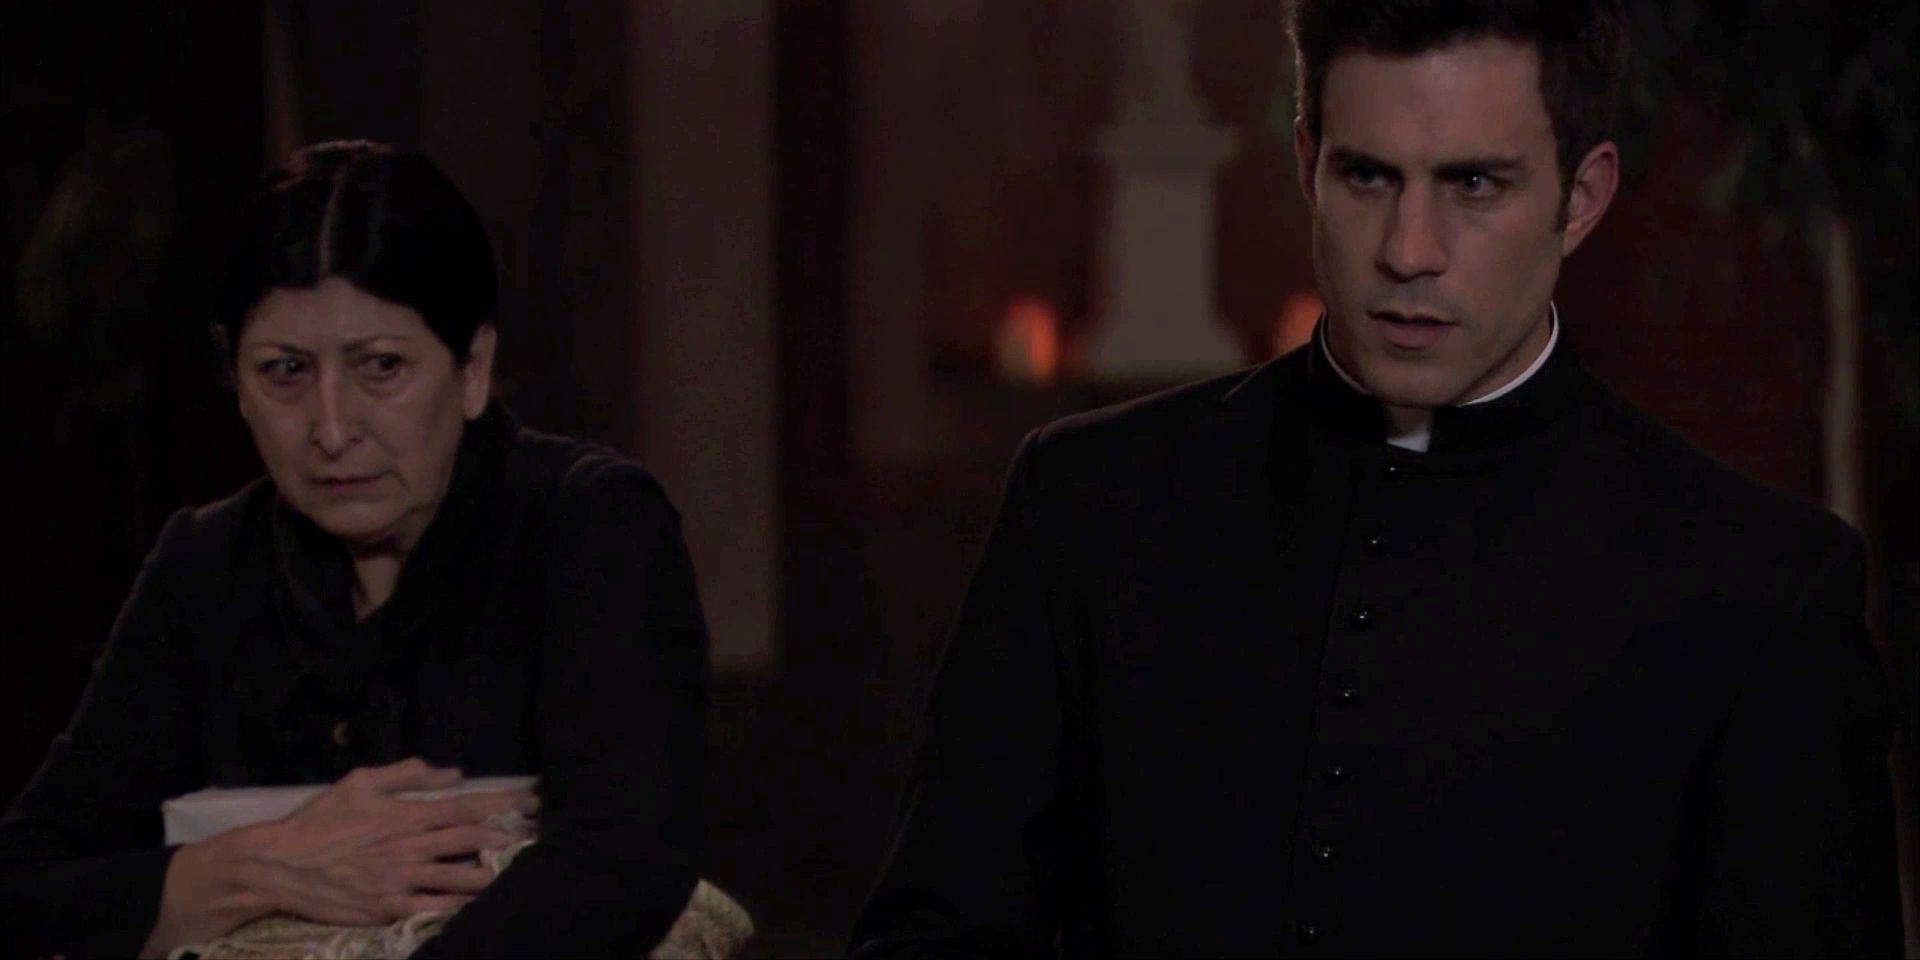 Una Vita Anticipazioni Spagnole: Padre Telmo prende con sé Ursula